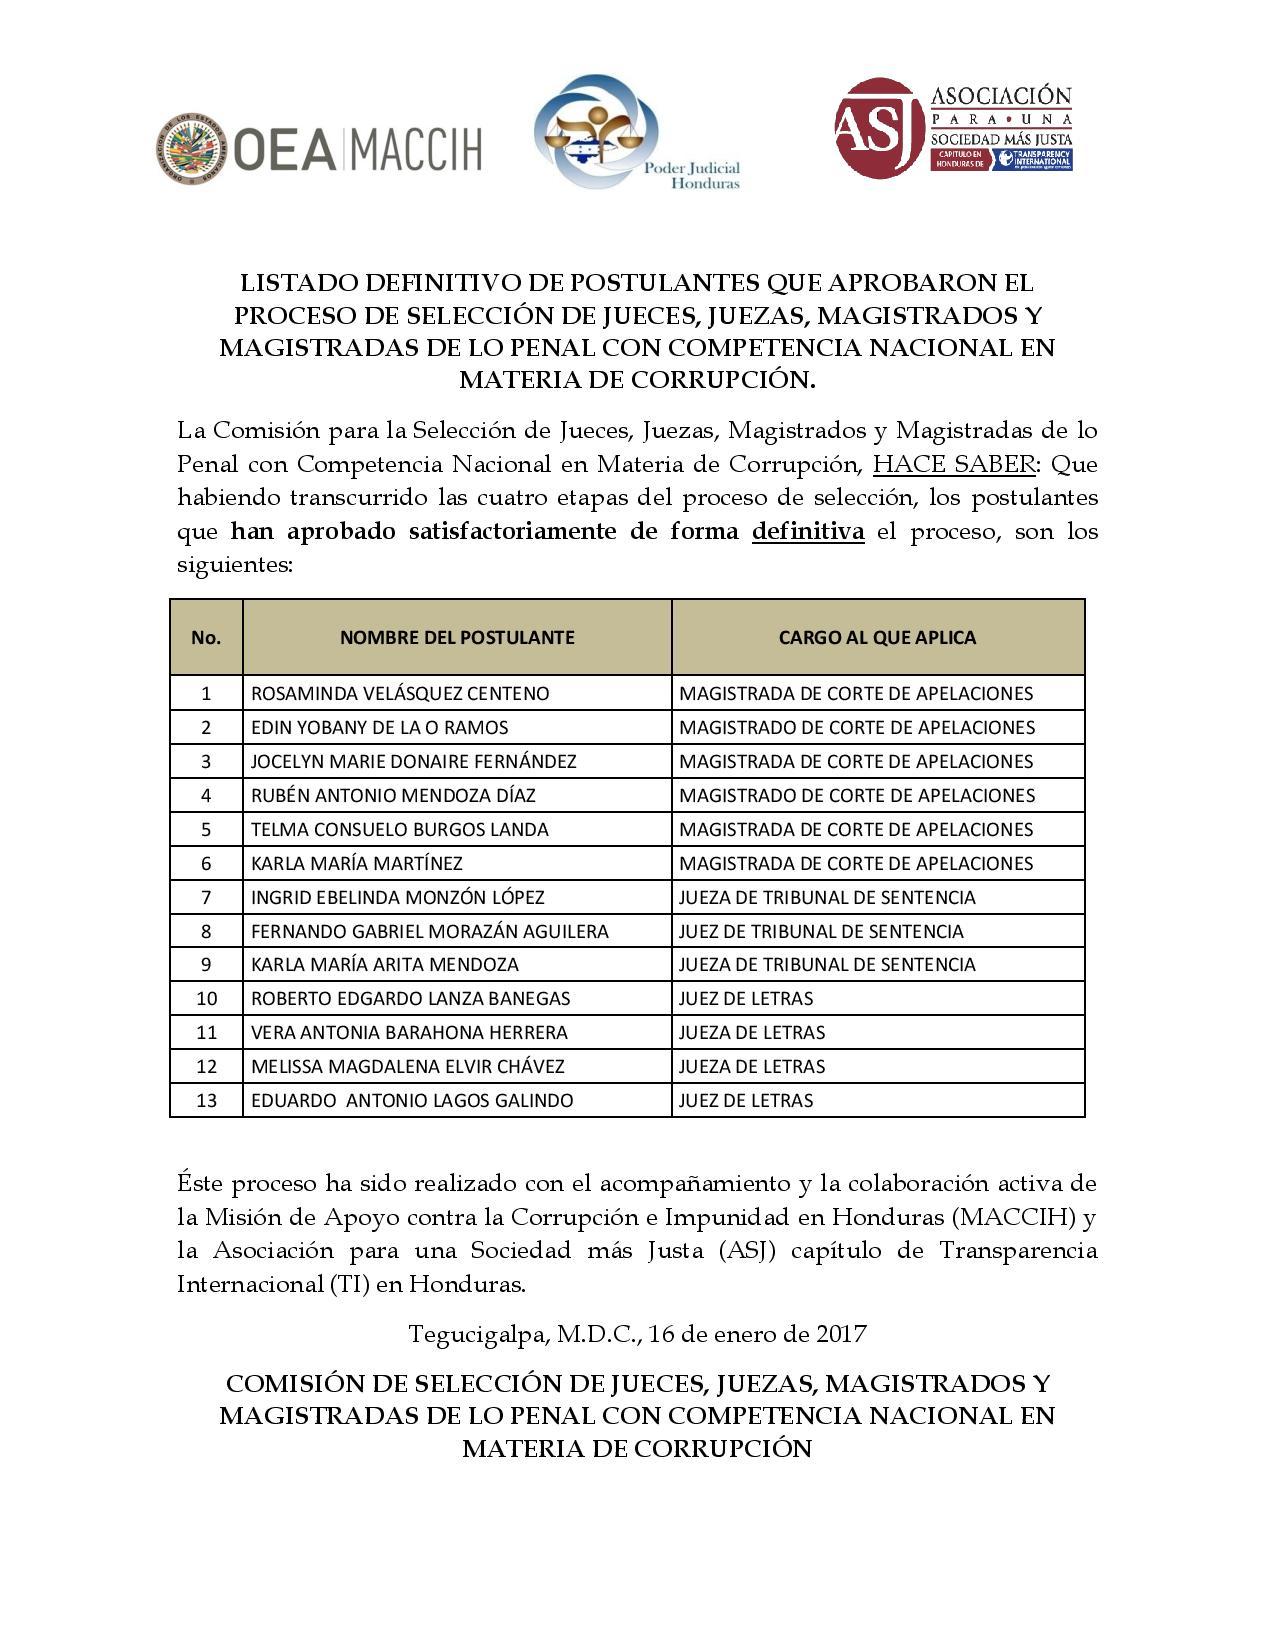 listado jueces y magistrados anticorrupción